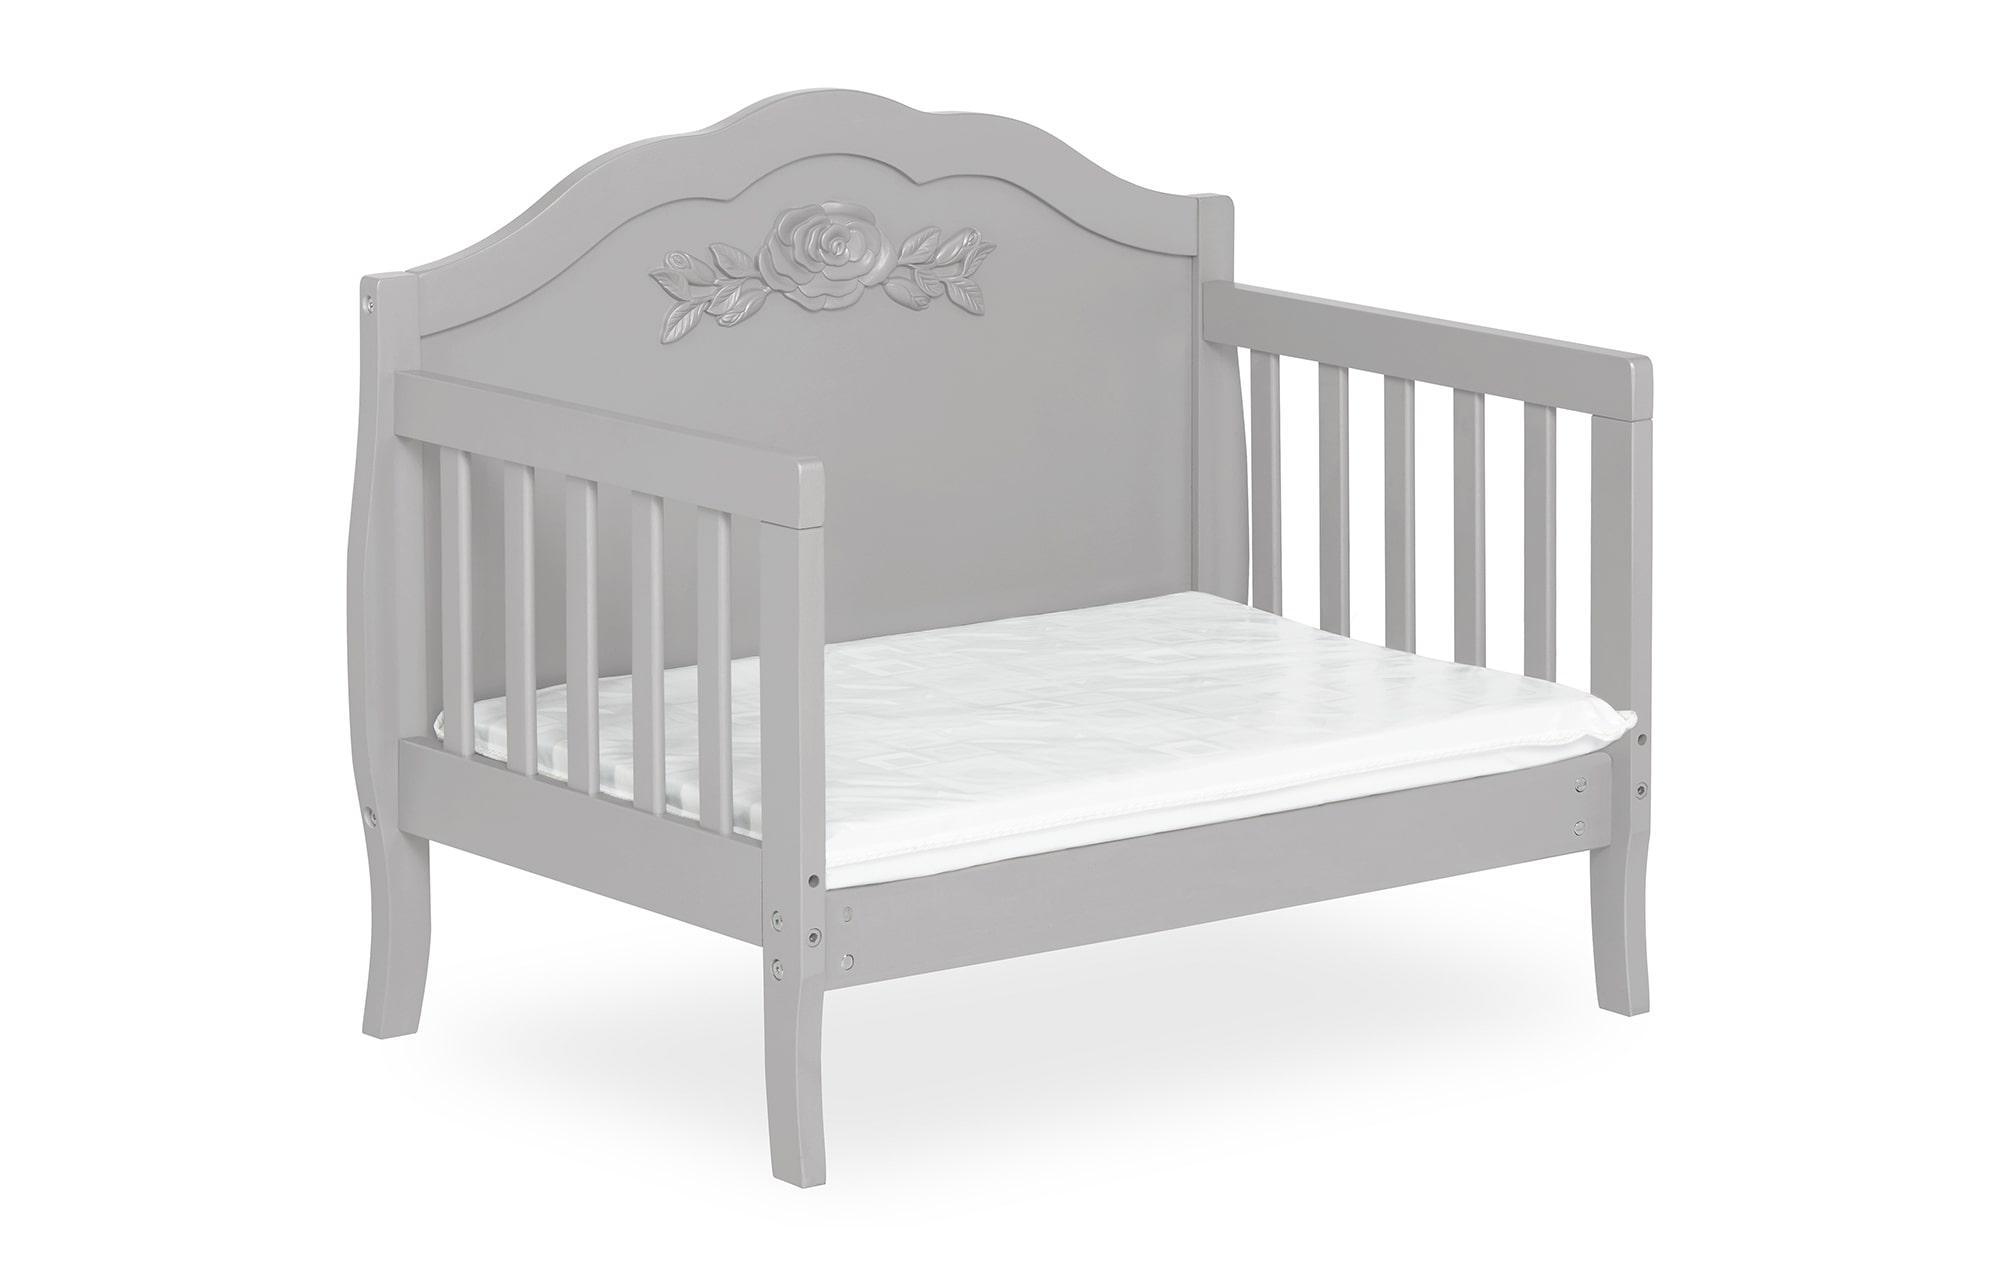 640_PLTM Rose Toddler Bed Silo 8